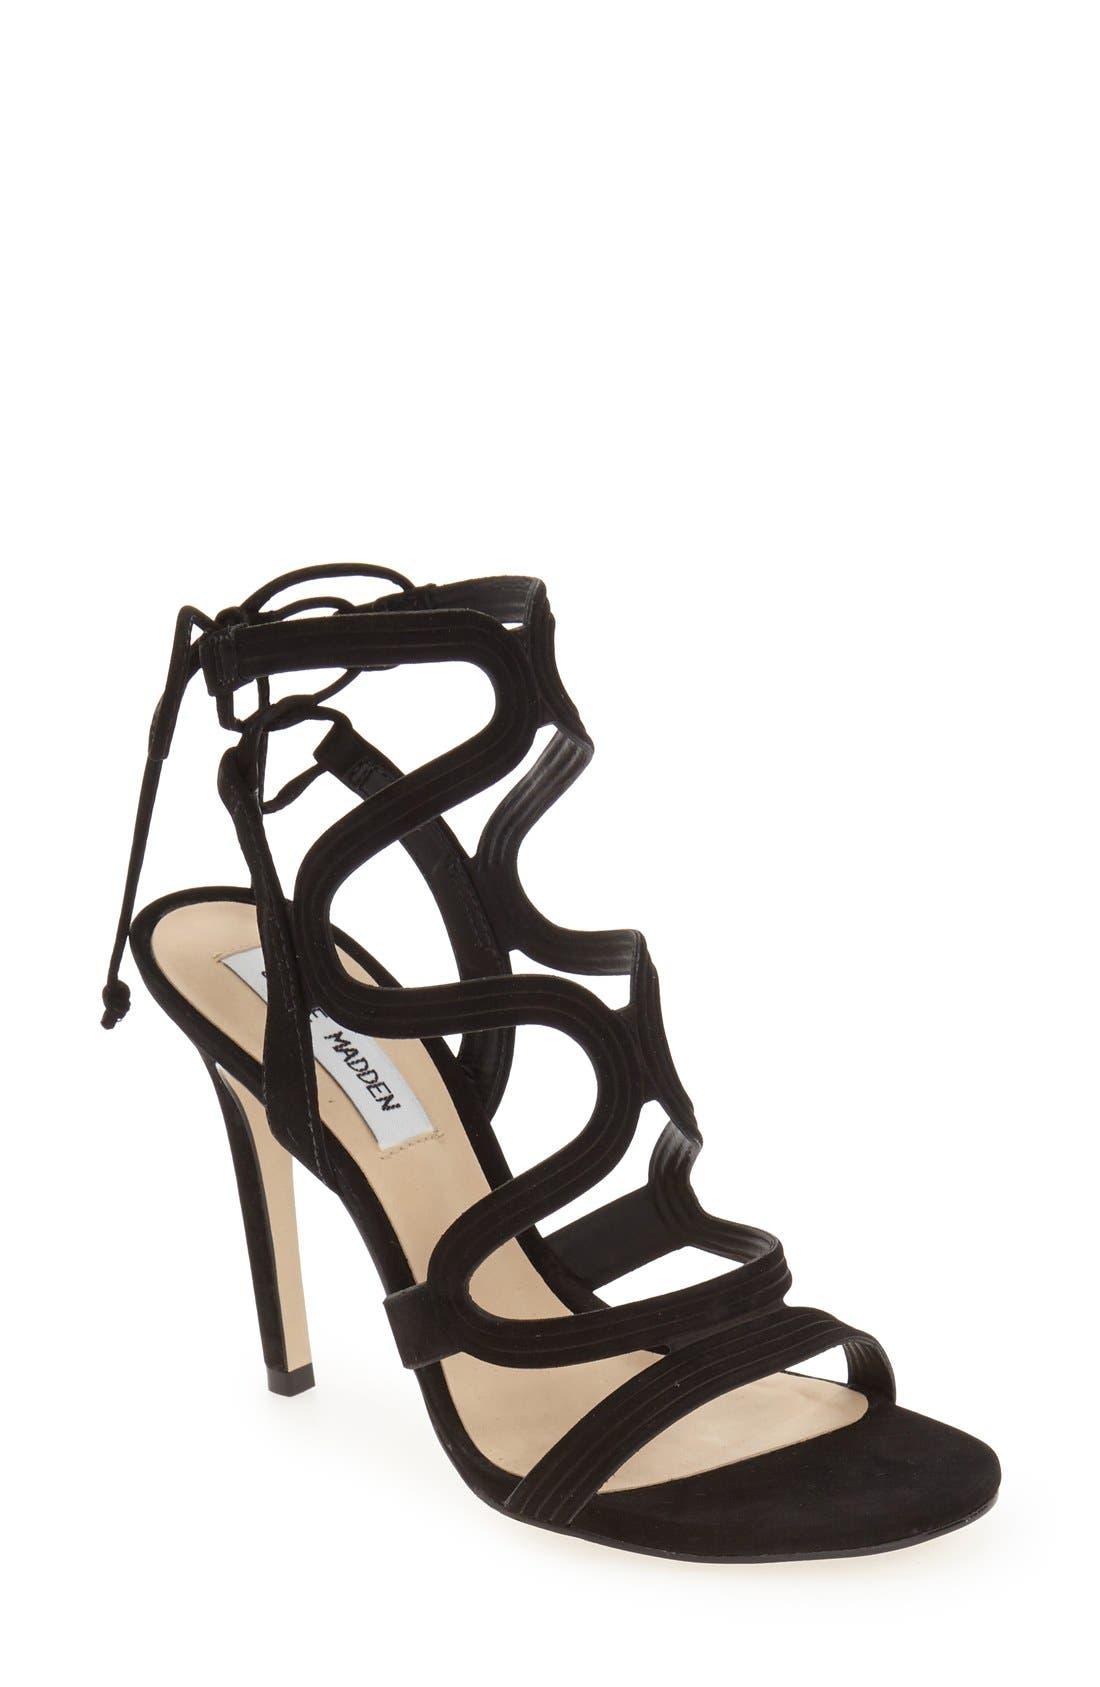 STEVE MADDEN 'Ava' Sandal, Main, color, 005